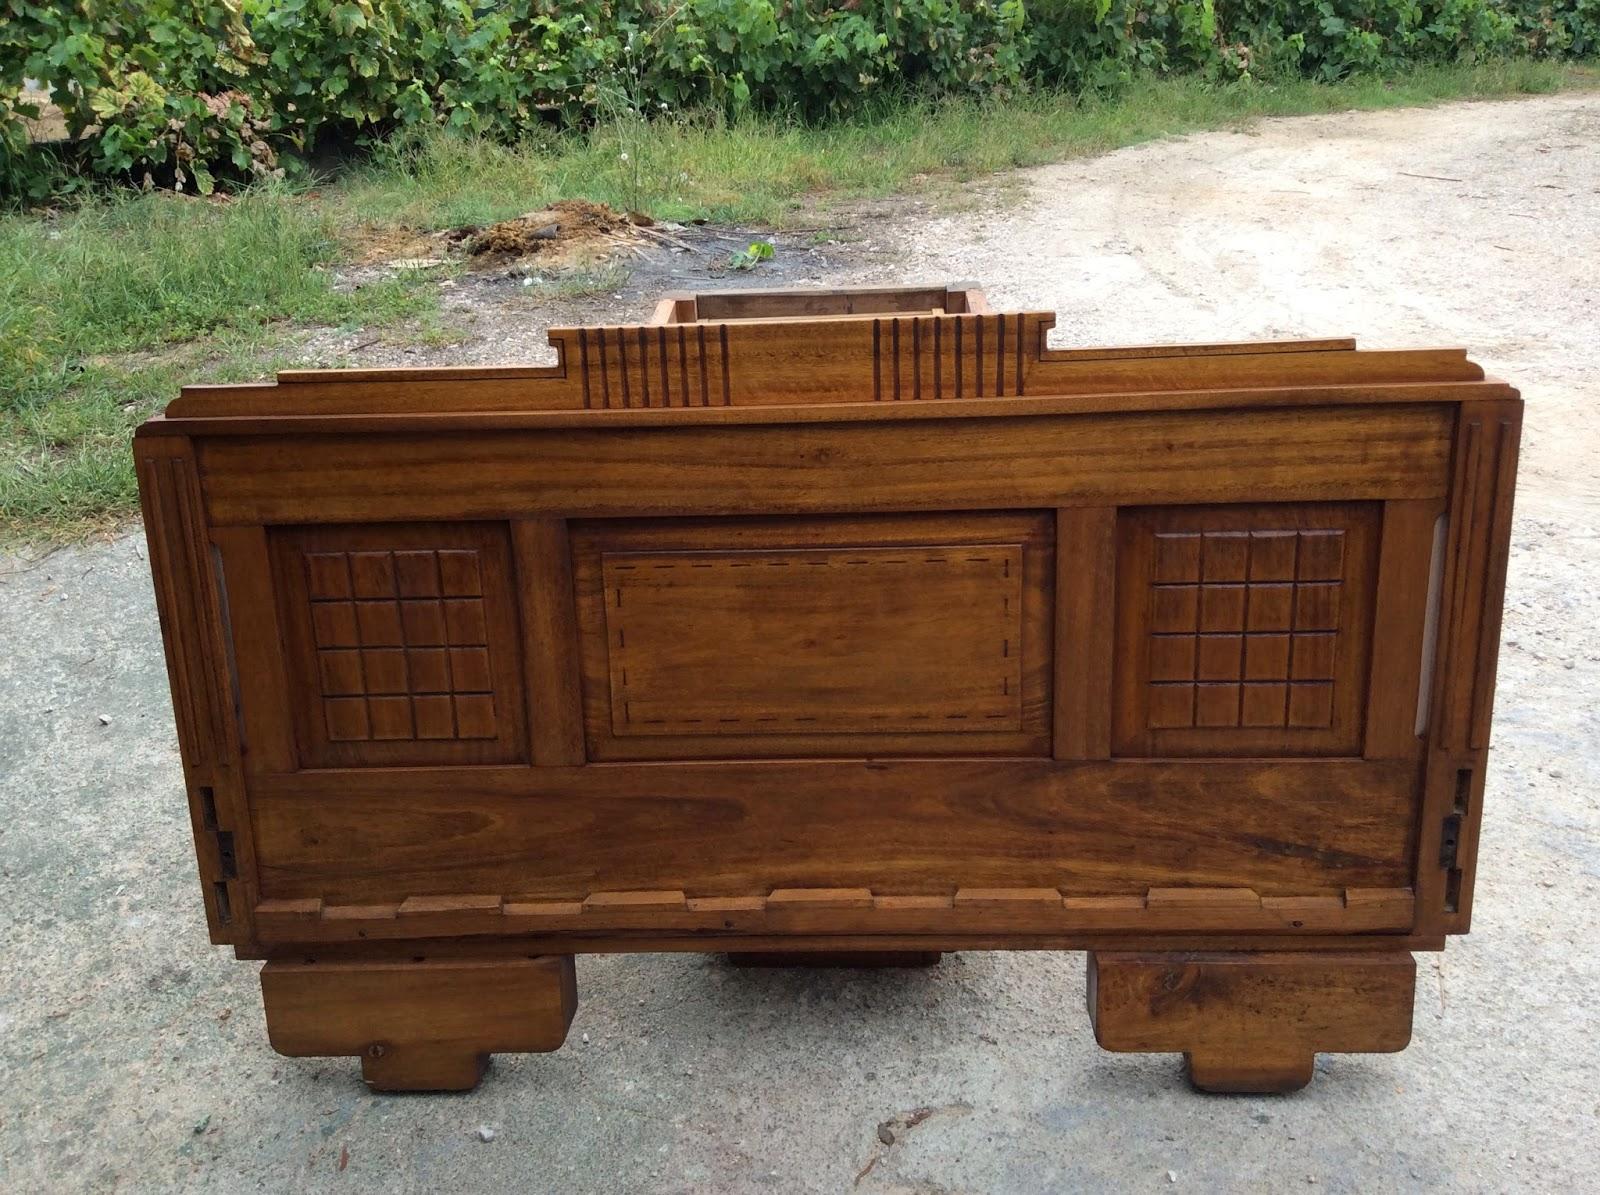 Restauro de Móveis antigos: Mobília de quarto 400§ #663B1E 1600x1195